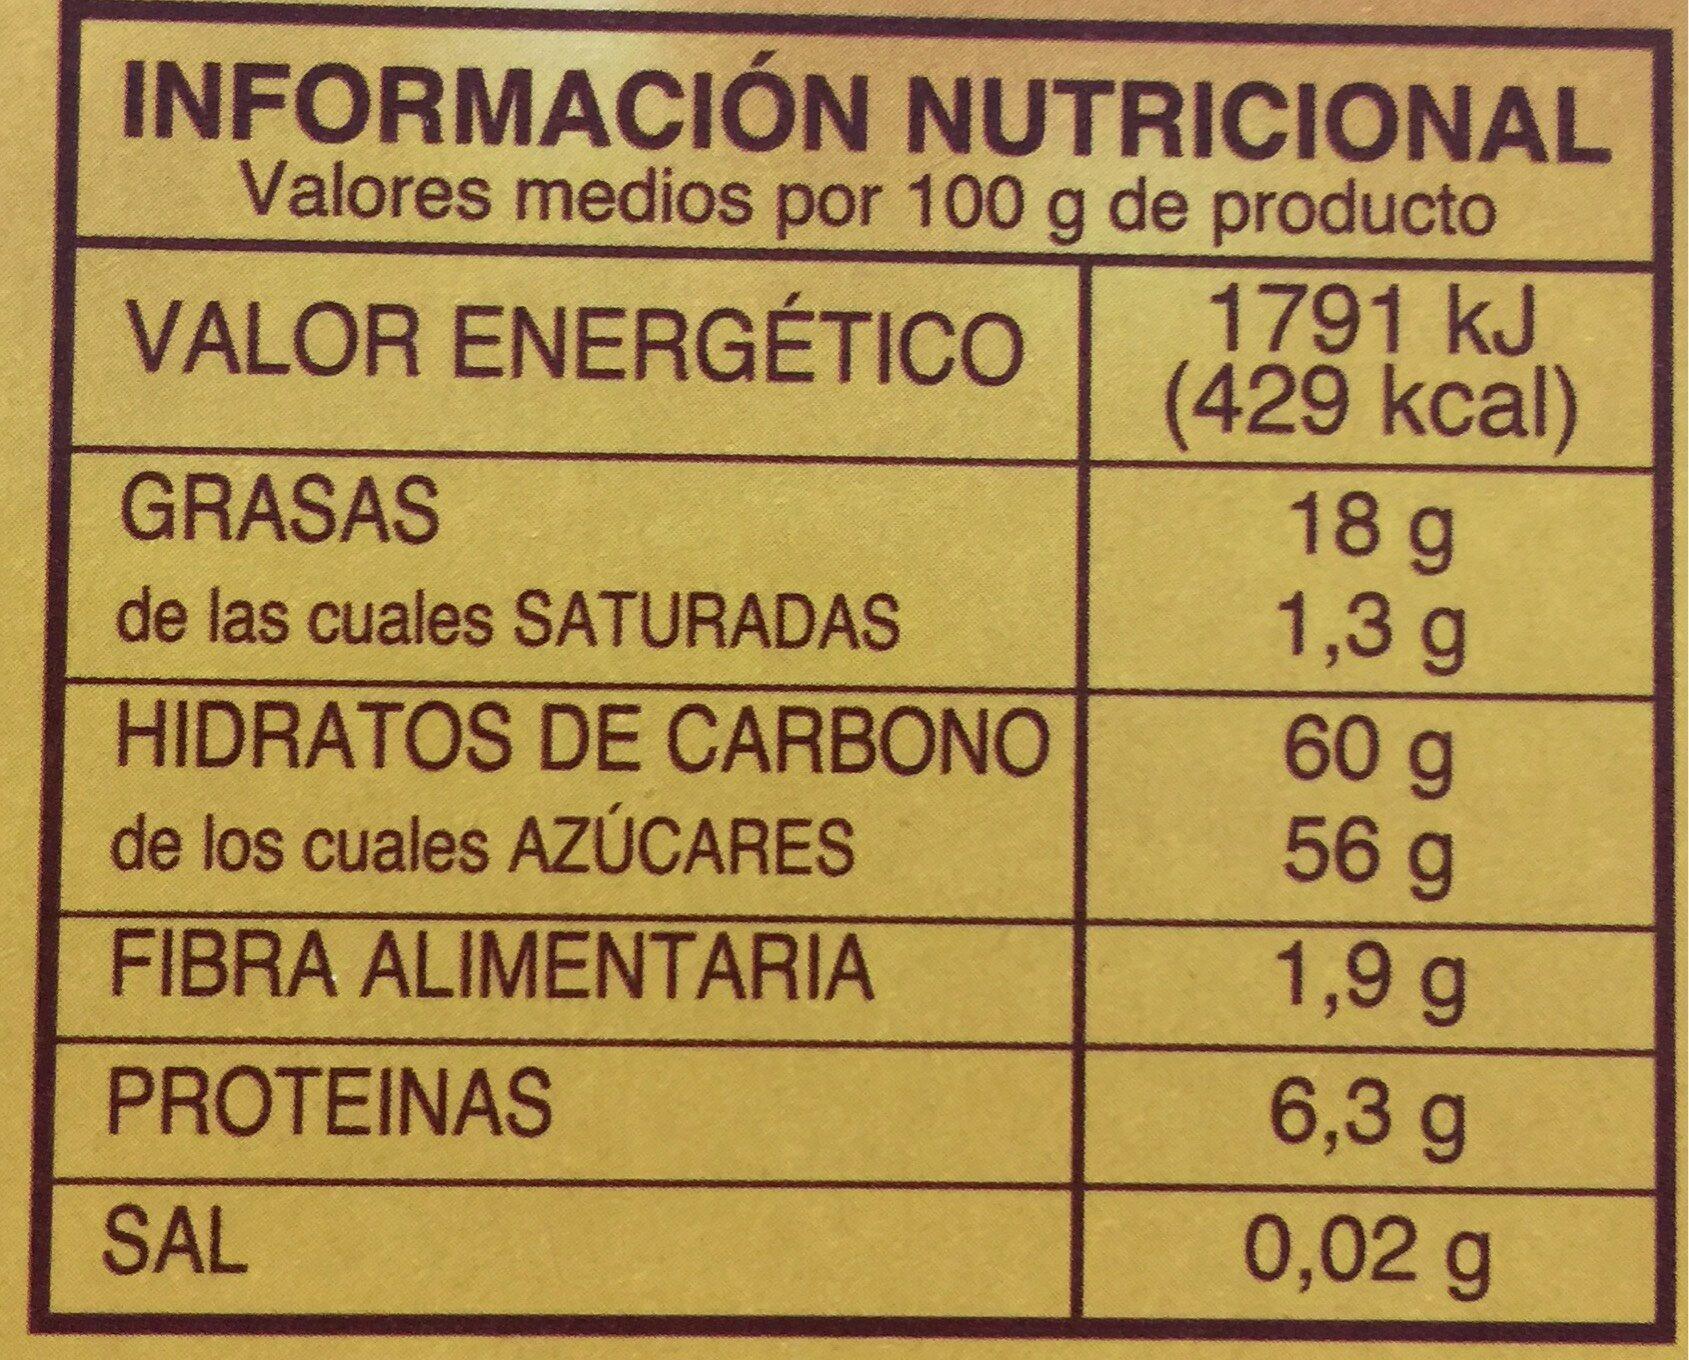 Turon de fruta - Informació nutricional